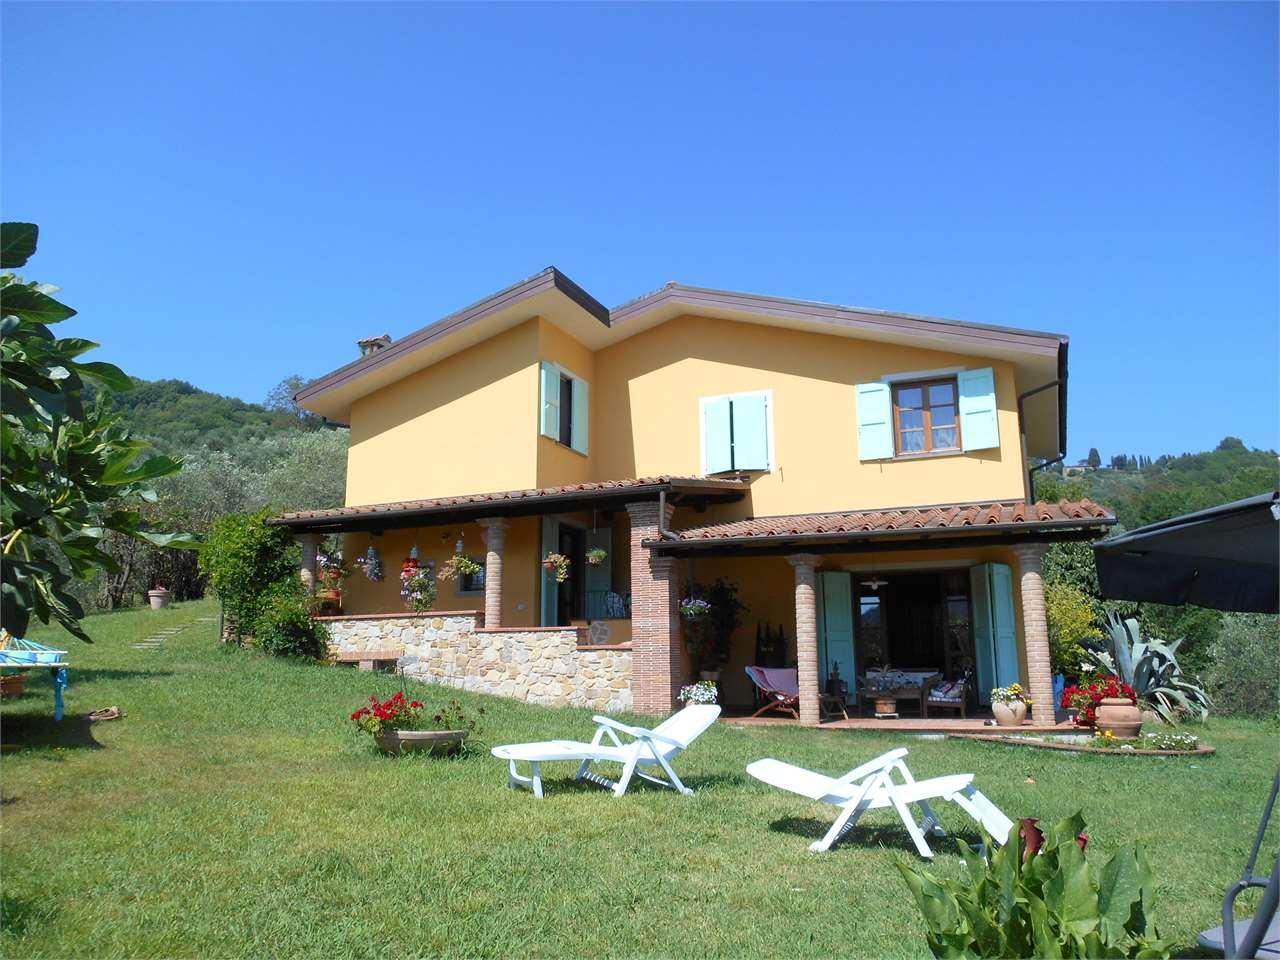 Villa in vendita a Lucca, 8 locali, Trattative riservate | Cambio Casa.it